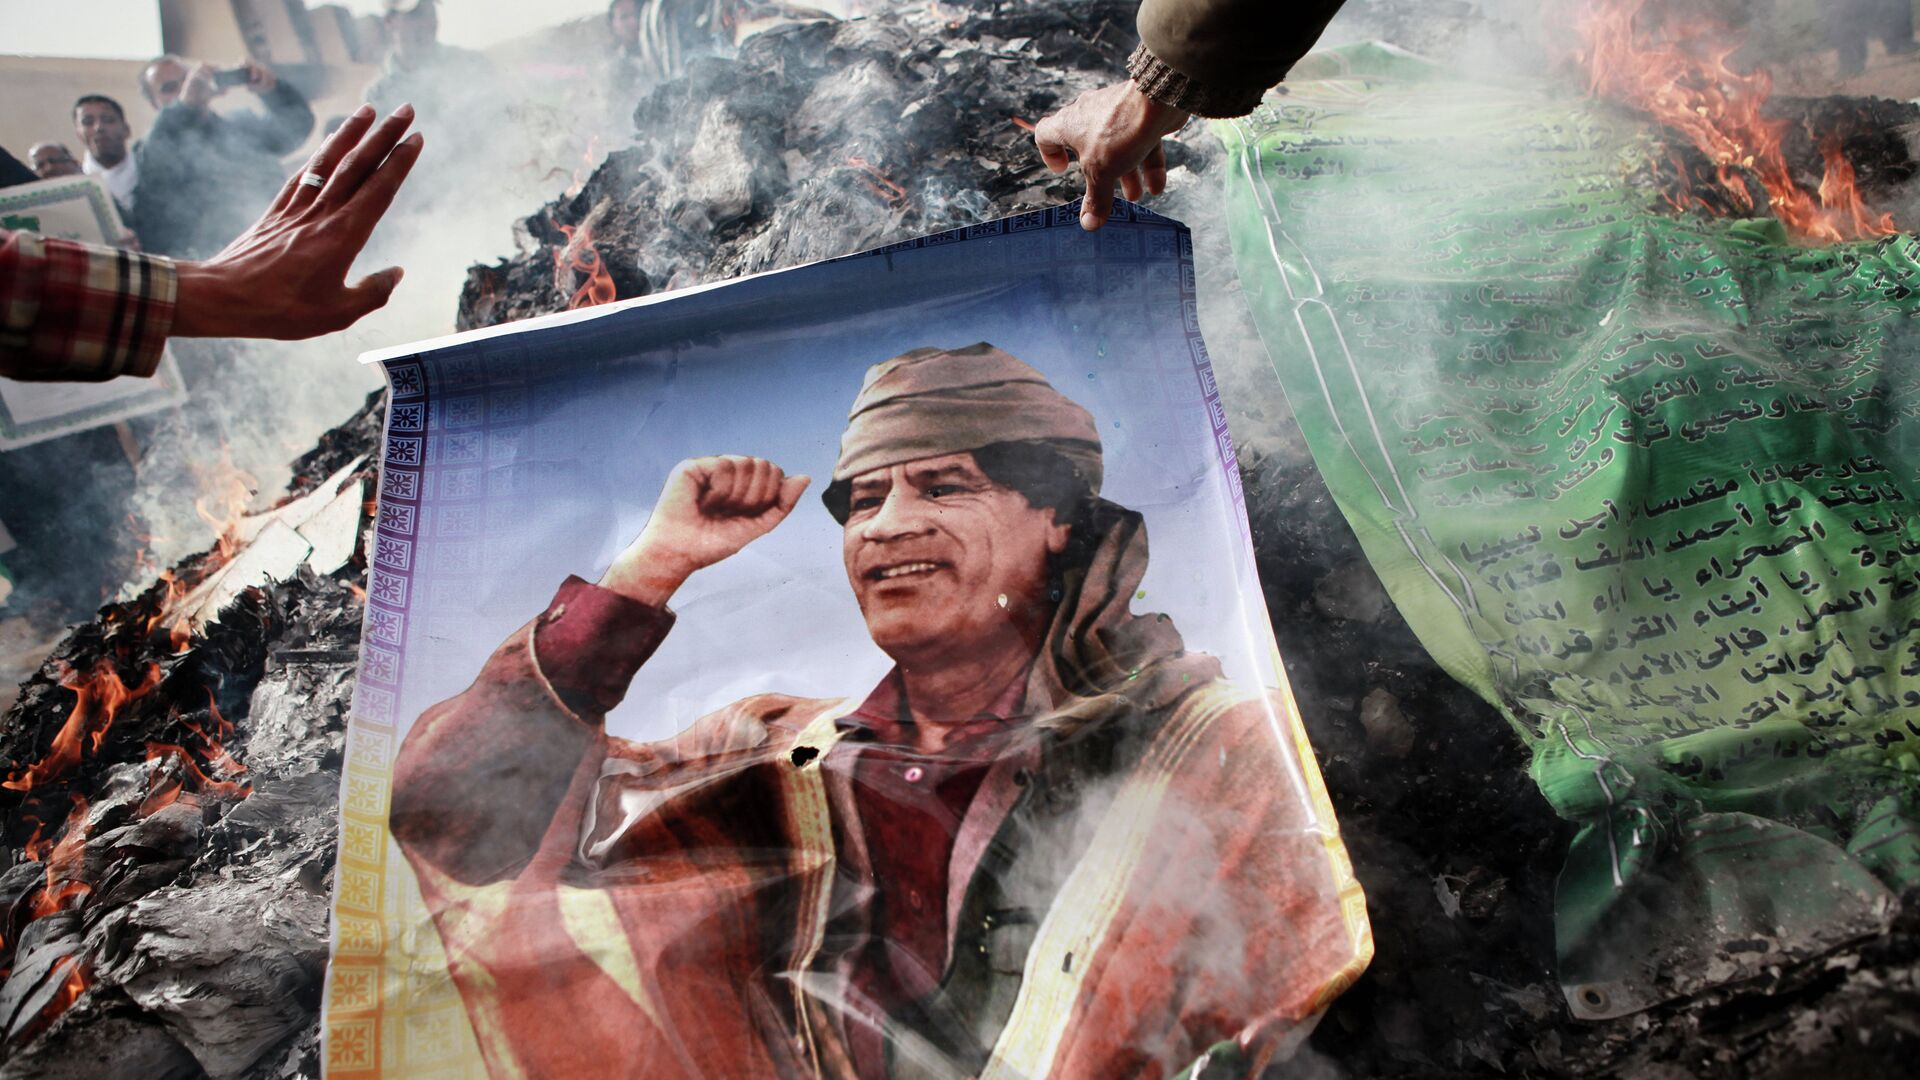 Жители Бенгази сжигают портреты Муамара Каддафи - РИА Новости, 1920, 17.10.2020